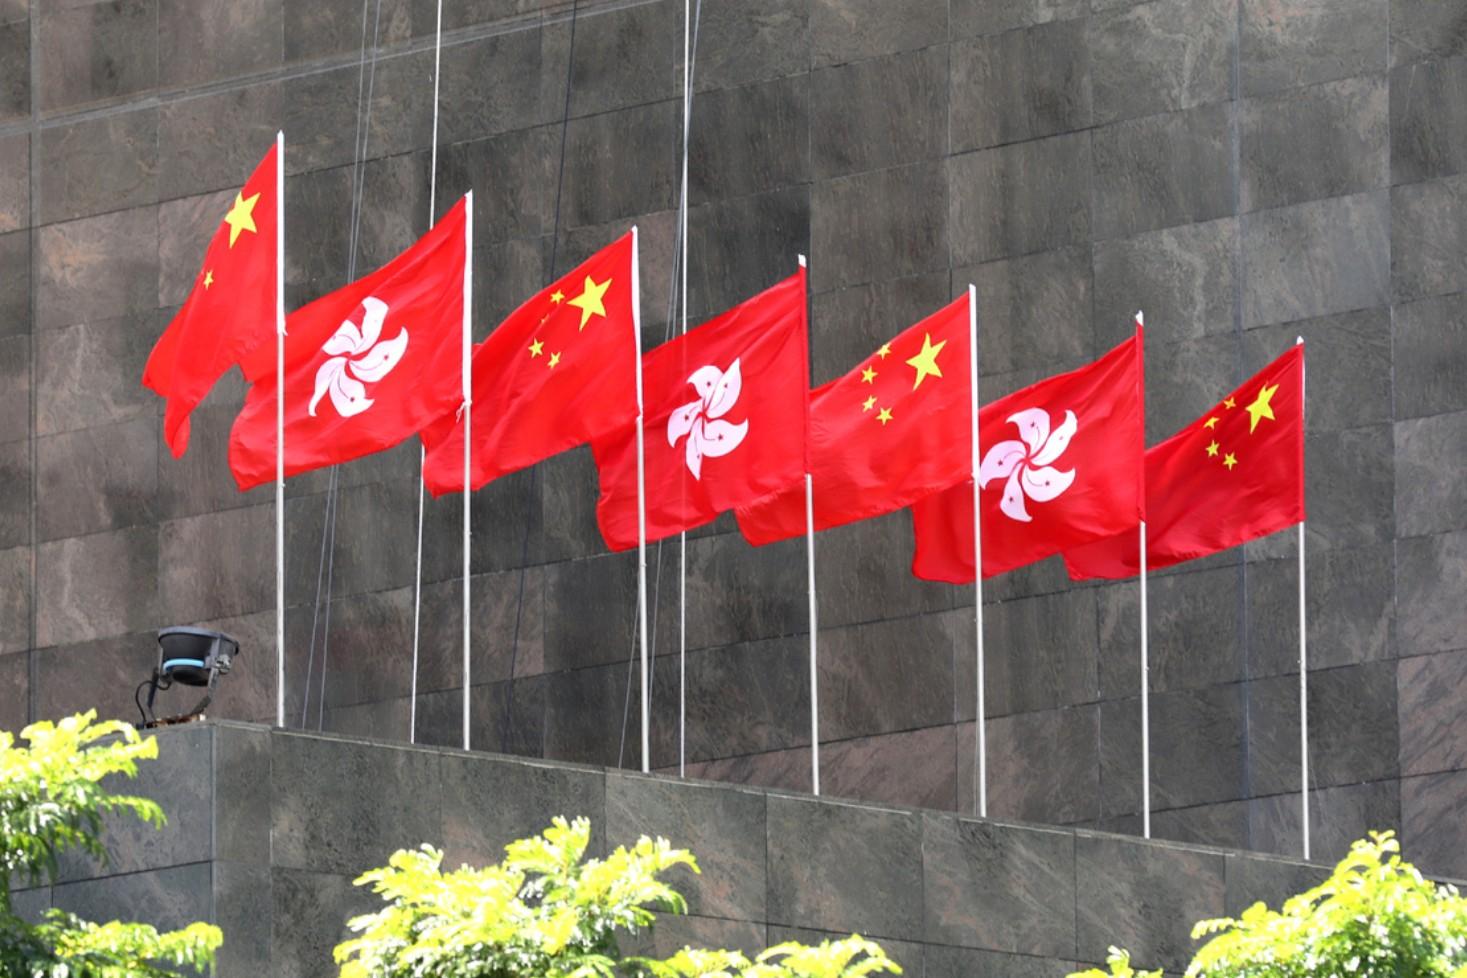 Zastave Kine i SAO NR Kine Hongkonga (Foto: Xinhua)